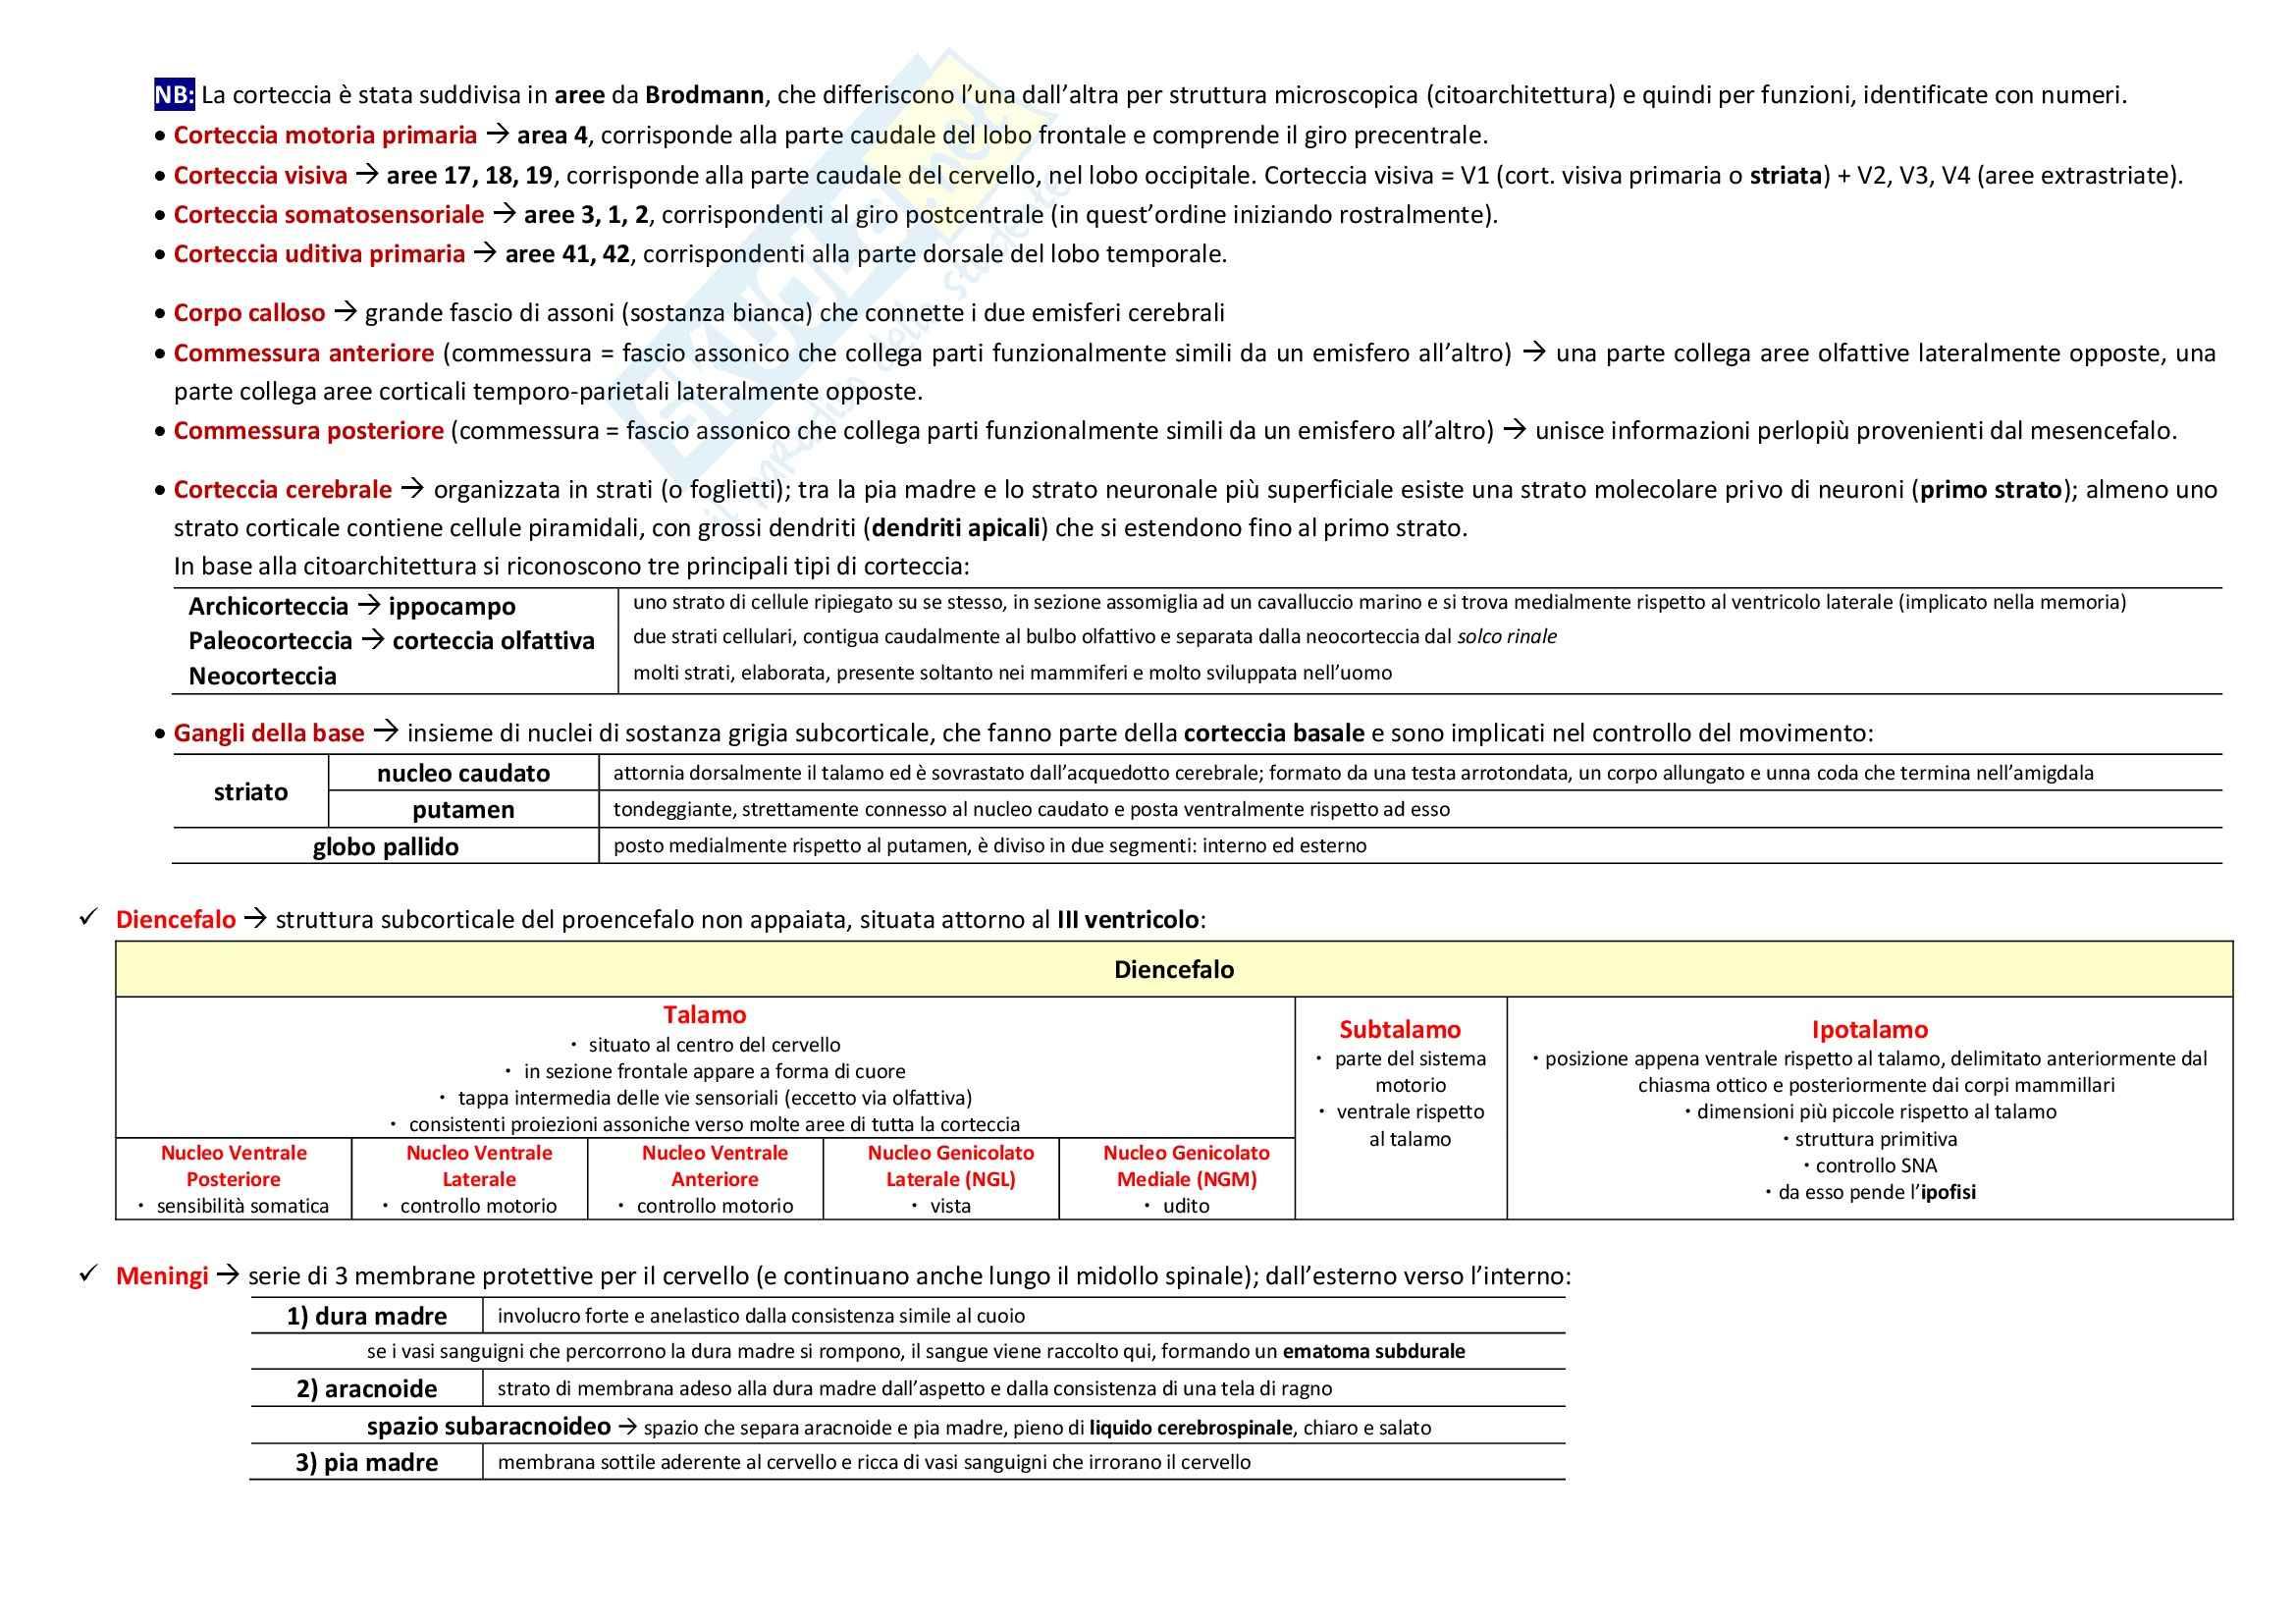 Basi neurali della cognizione - Appunti Pag. 6